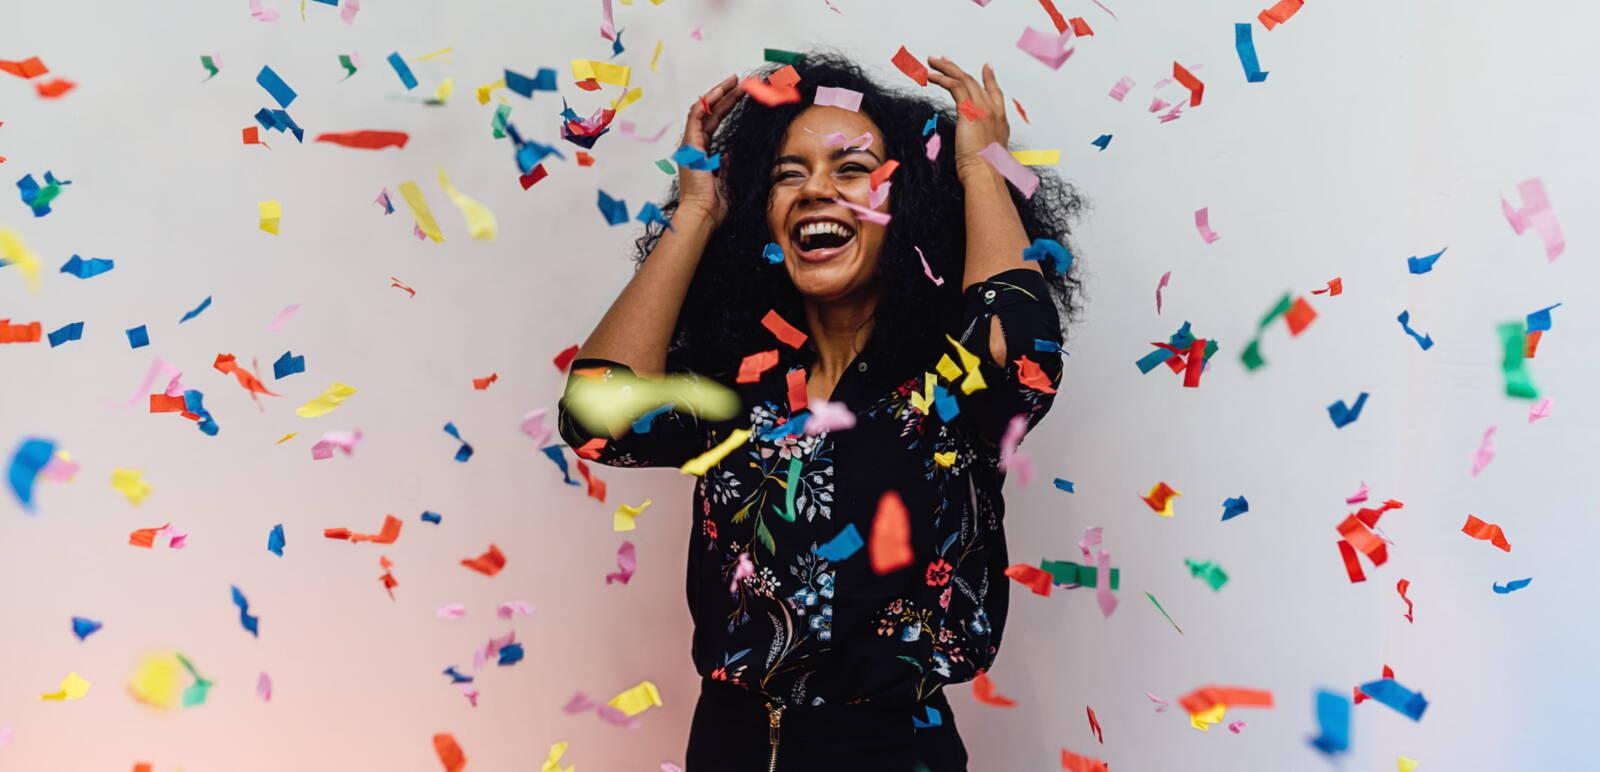 Woman celebrating in confetti